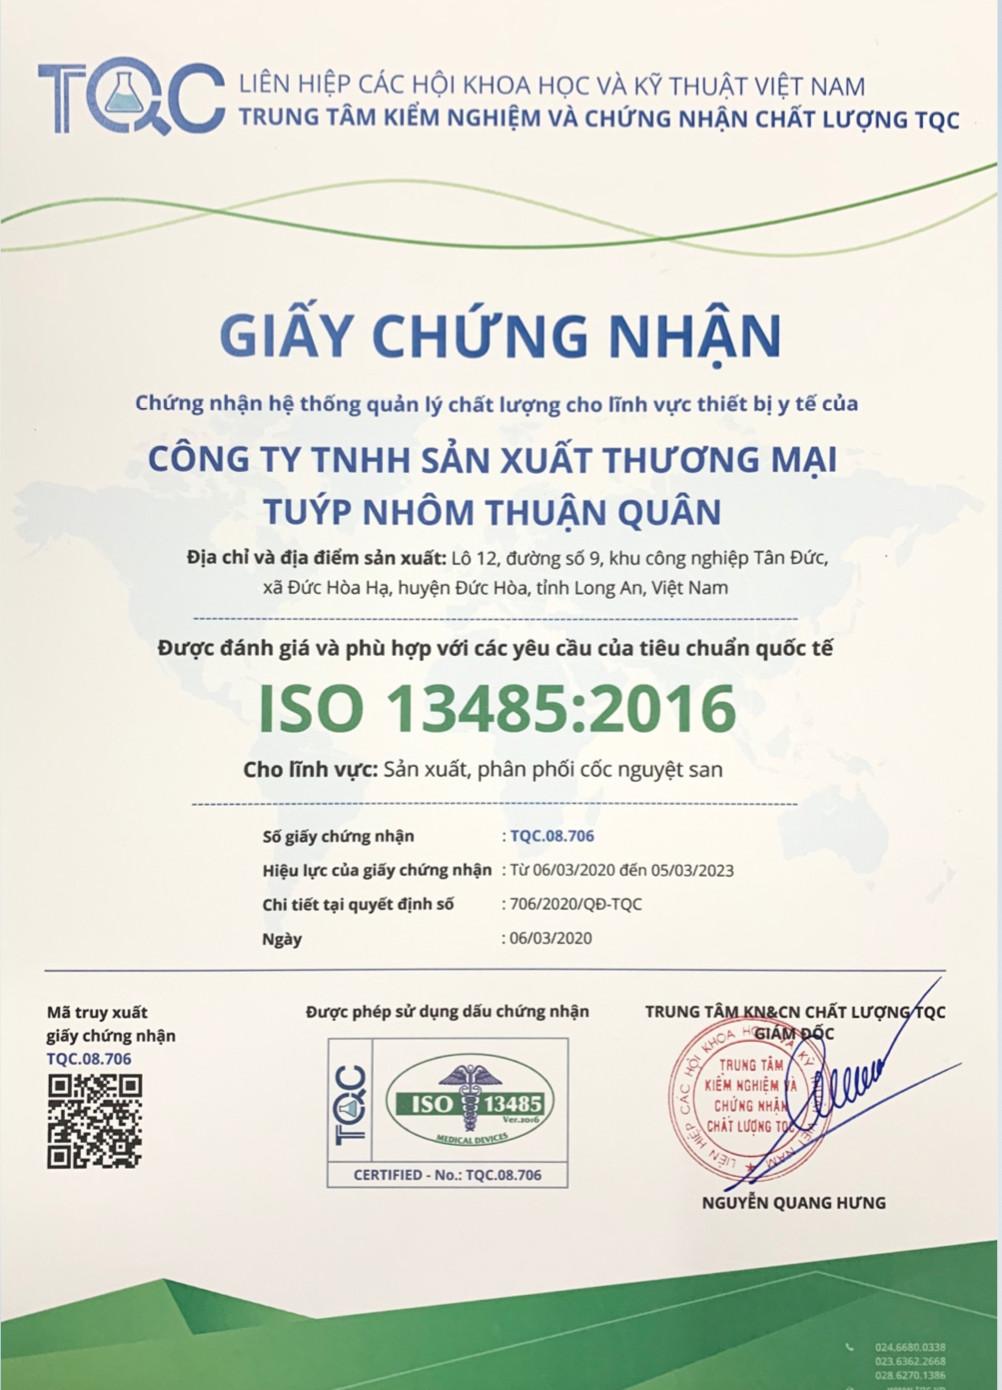 COMBO 2 bộ sản phẩm Cốc Nguyệt San BeU Cup TẶNG 1 hộp dung dịch vệ sinh BeU Care, chuẩn FDA HOA KỲ, 100% silicone Y Tế WACKER ĐỨC, HÀNG CHÍNH HÃNG